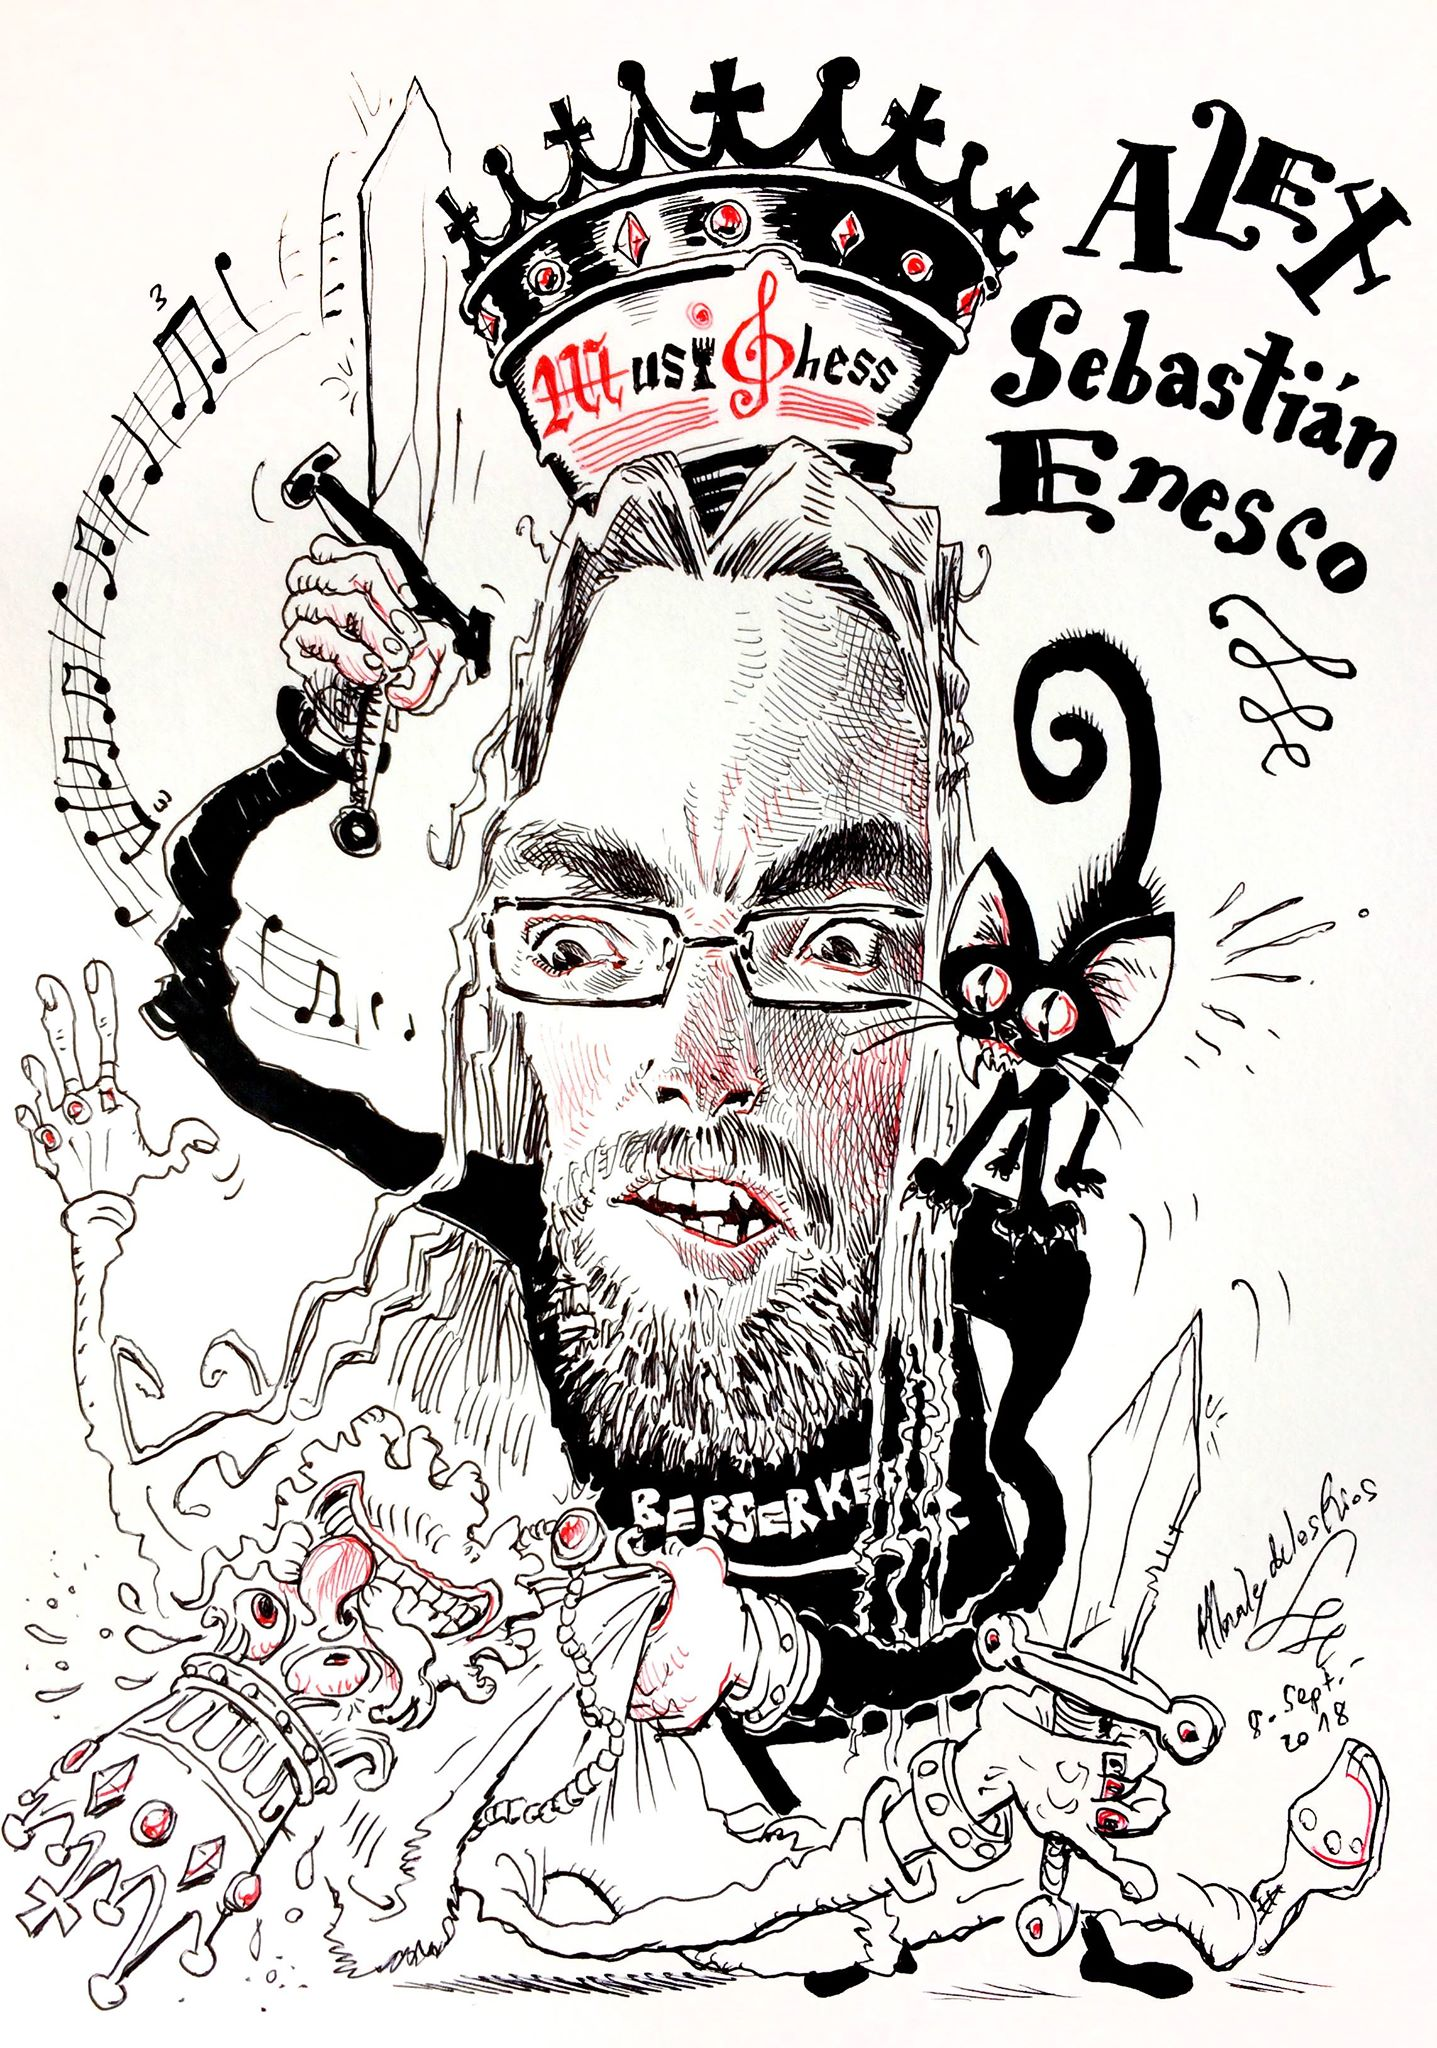 Alex Sebastián Enesco